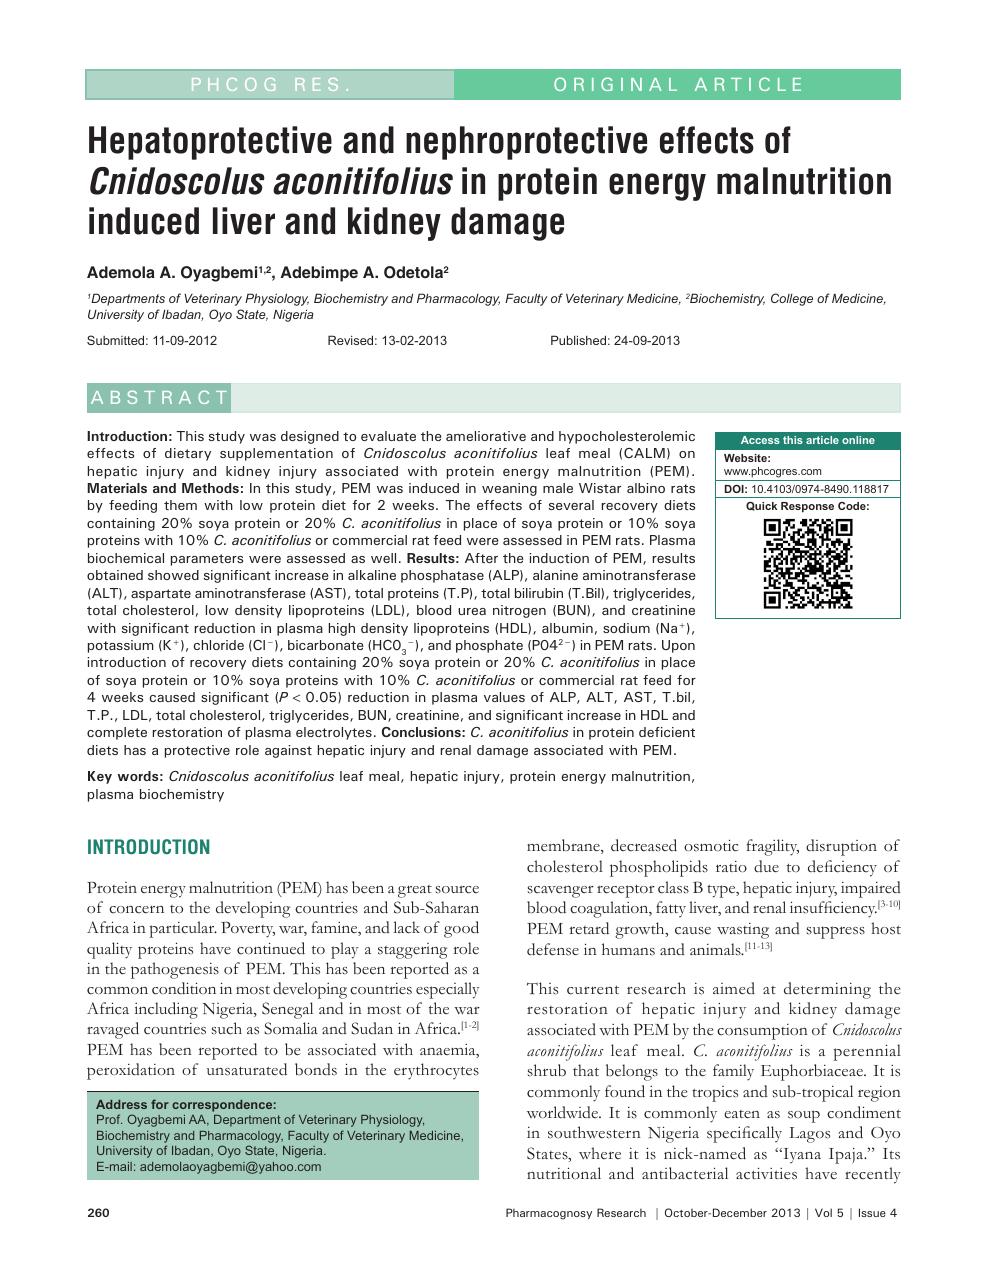 literature review of cnidoscolus aconitifolius